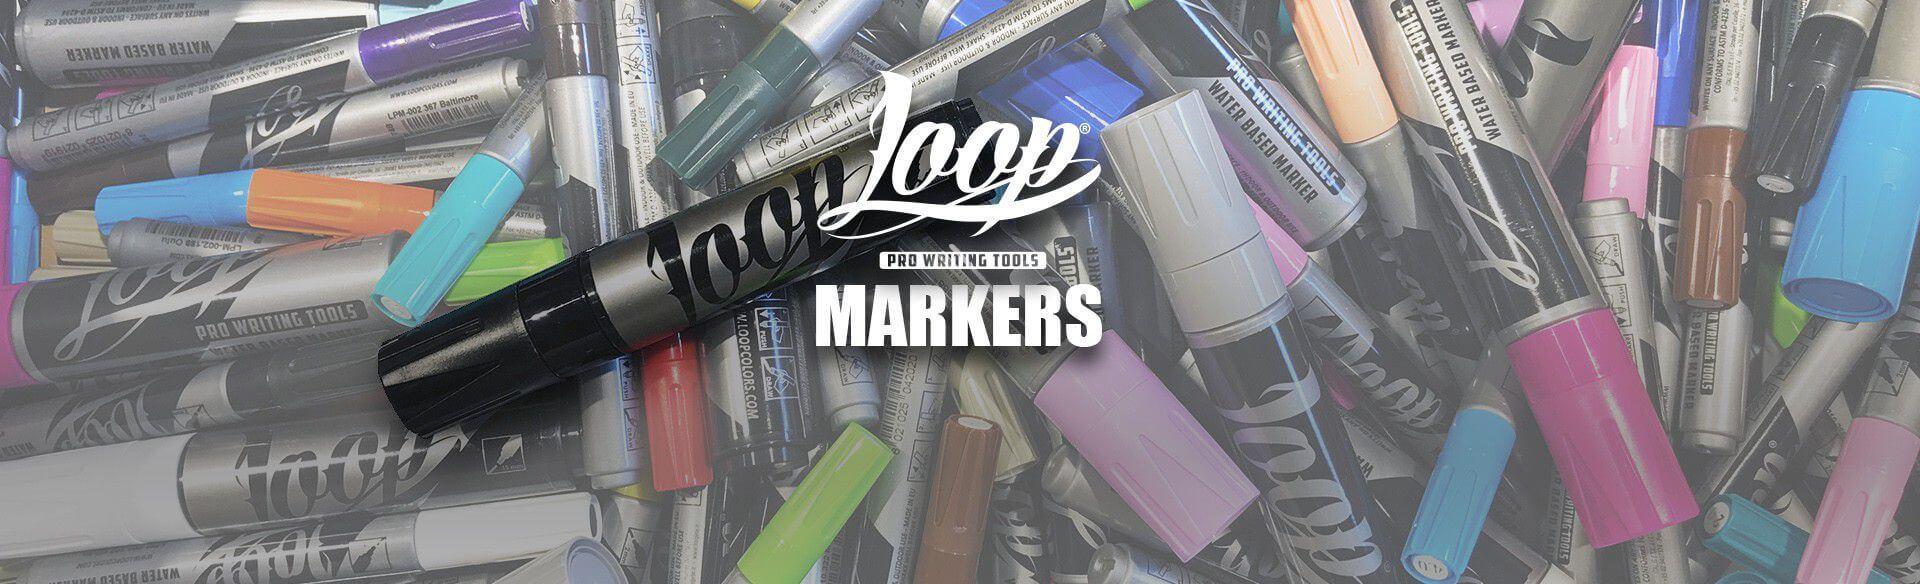 Loop Markers